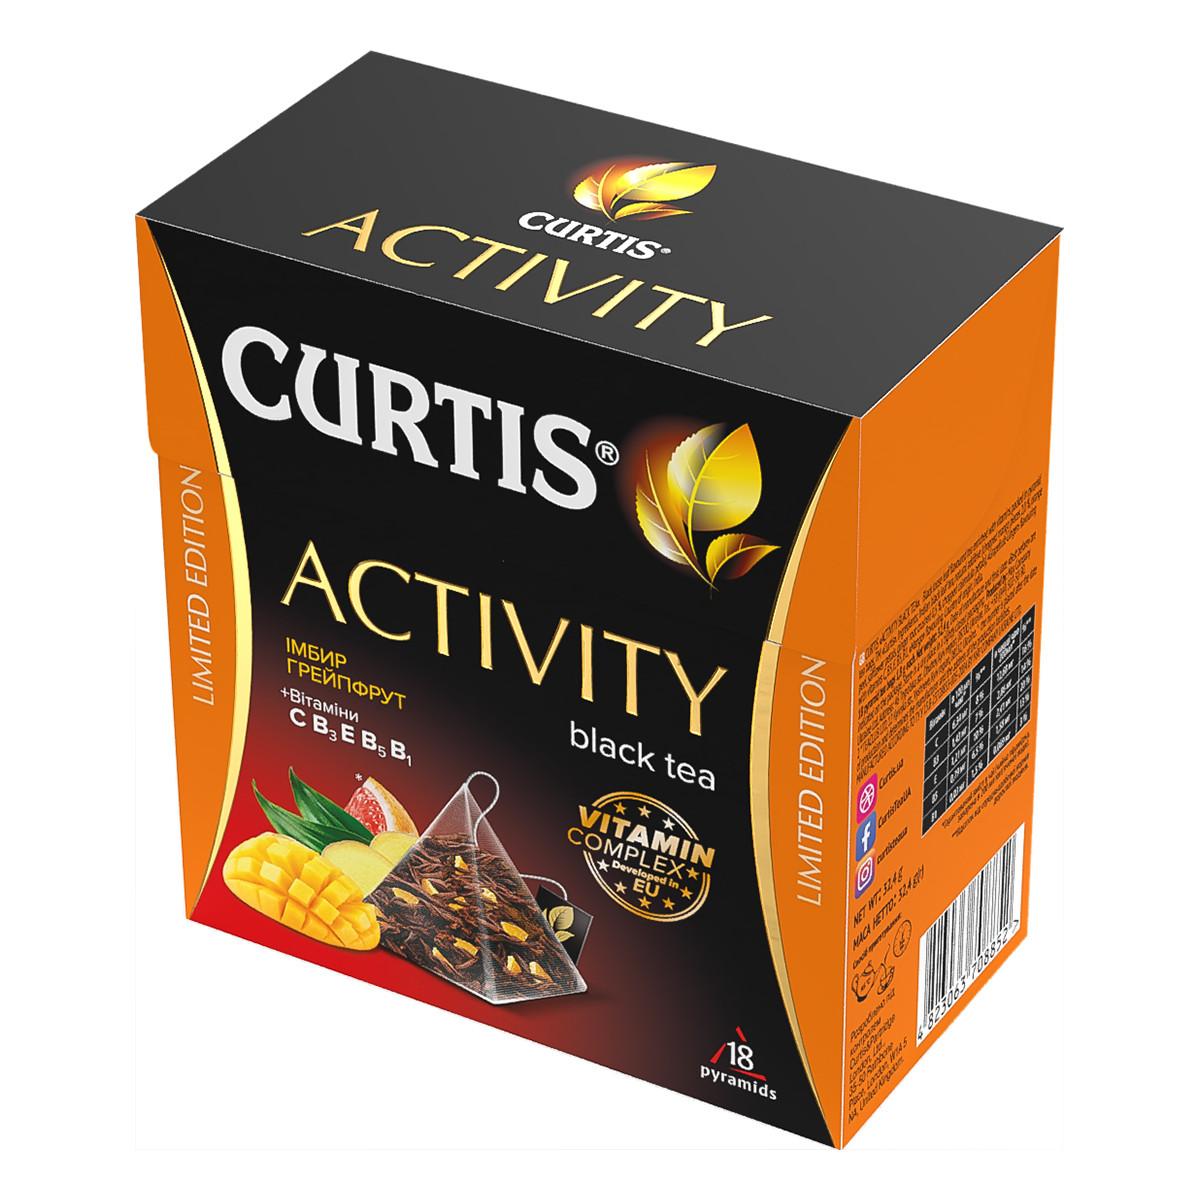 Чай черный пакетированный Curtis Activity Black Tea 18 пакетиков